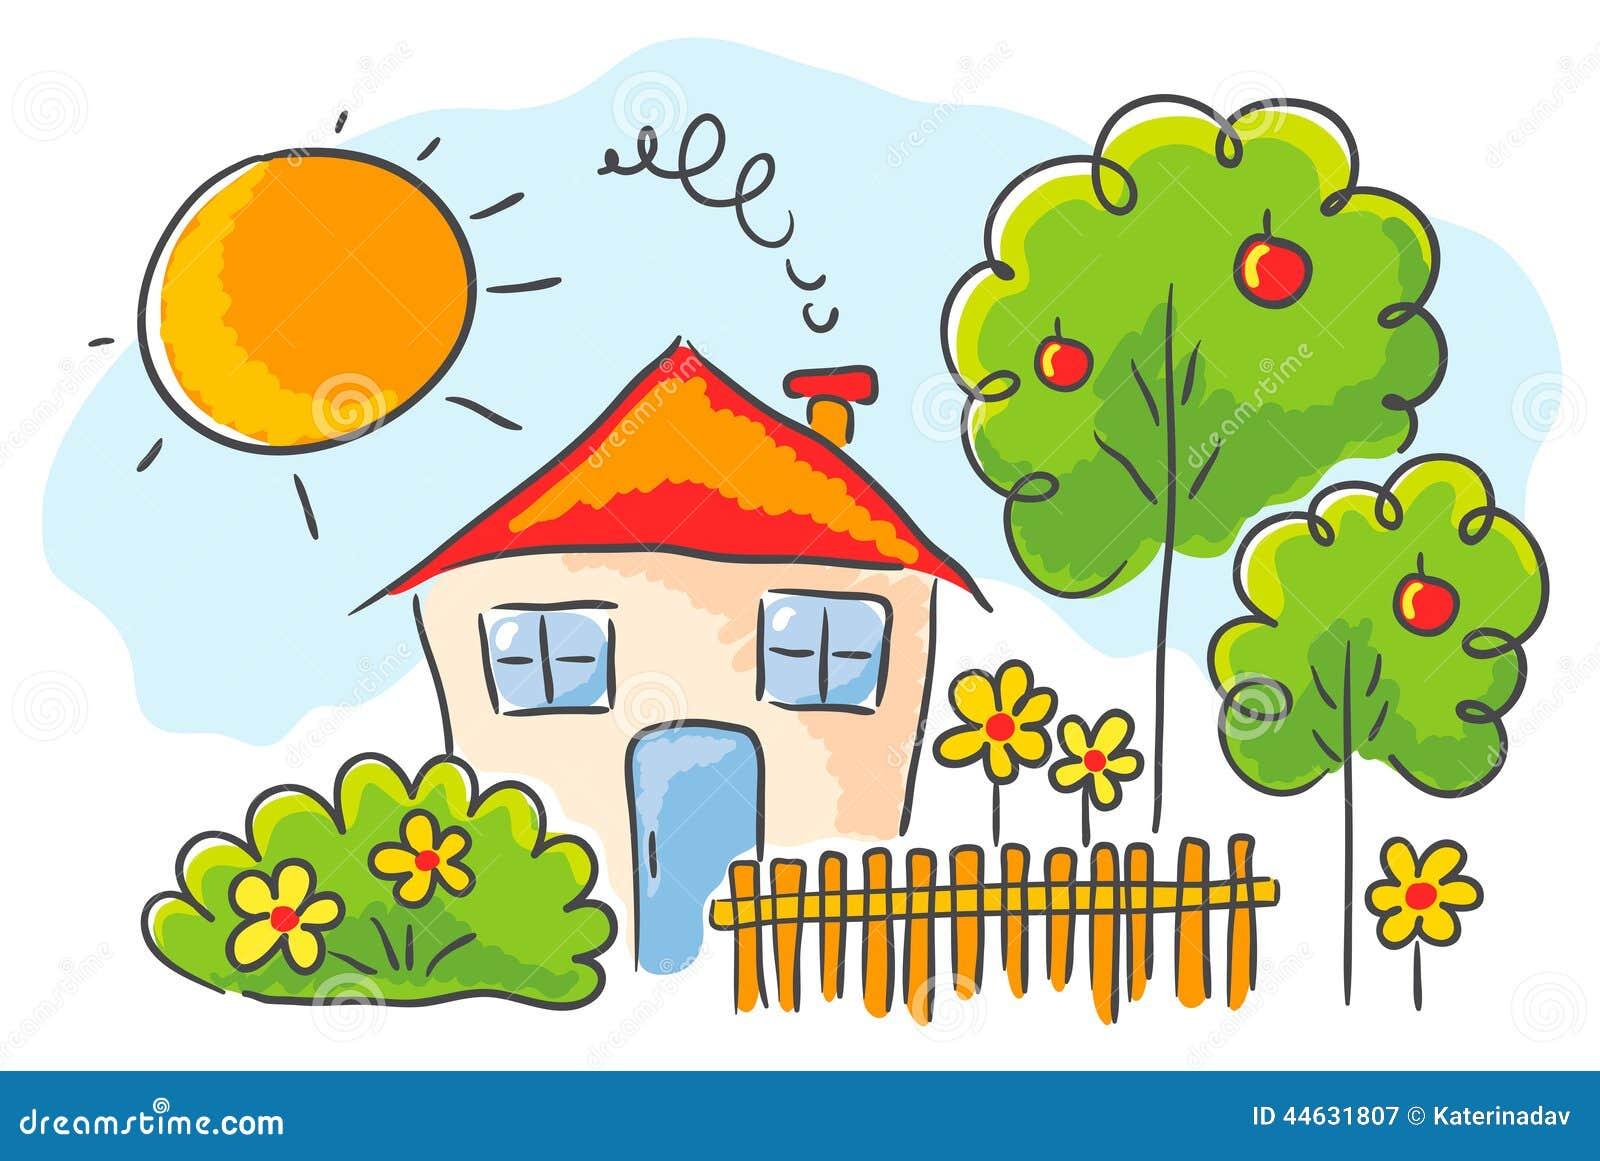 Dessin du s d 39 enfant d 39 une maison illustration de for Maison pour enfant jardin